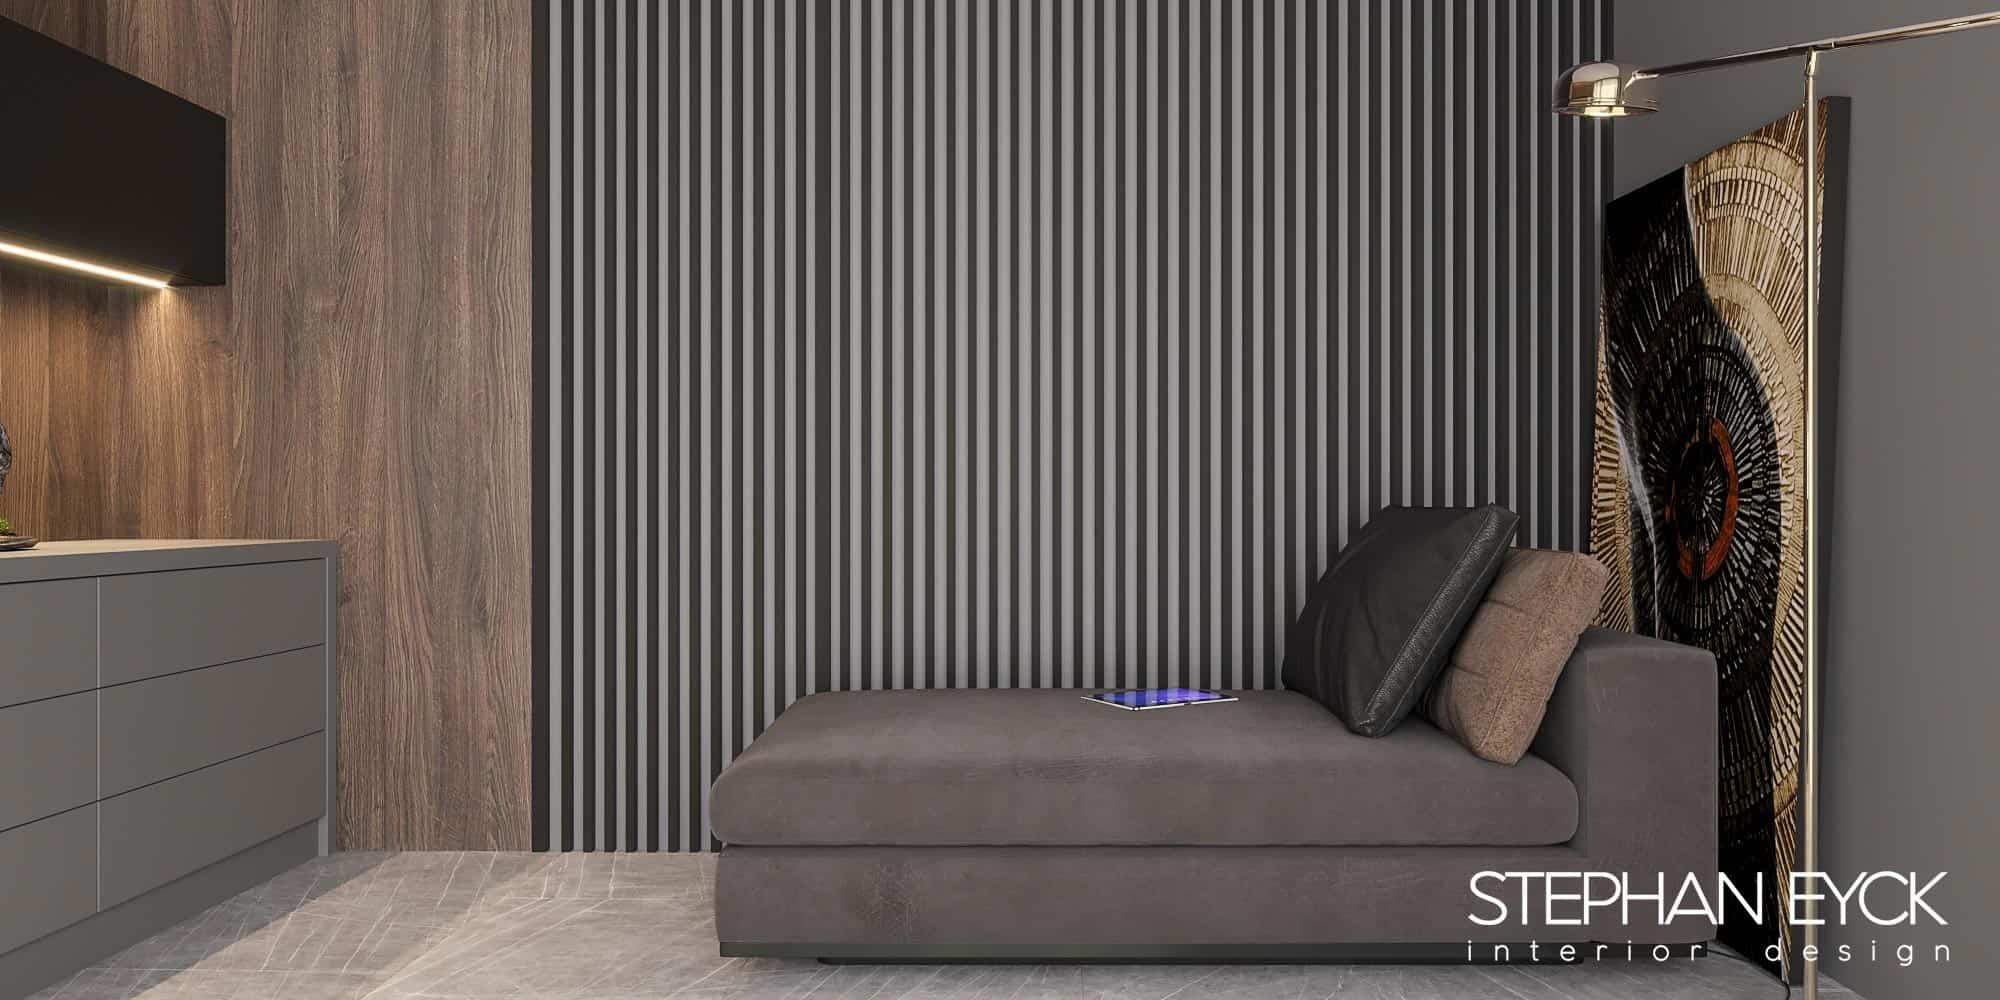 interior cu canapea in camera studiu